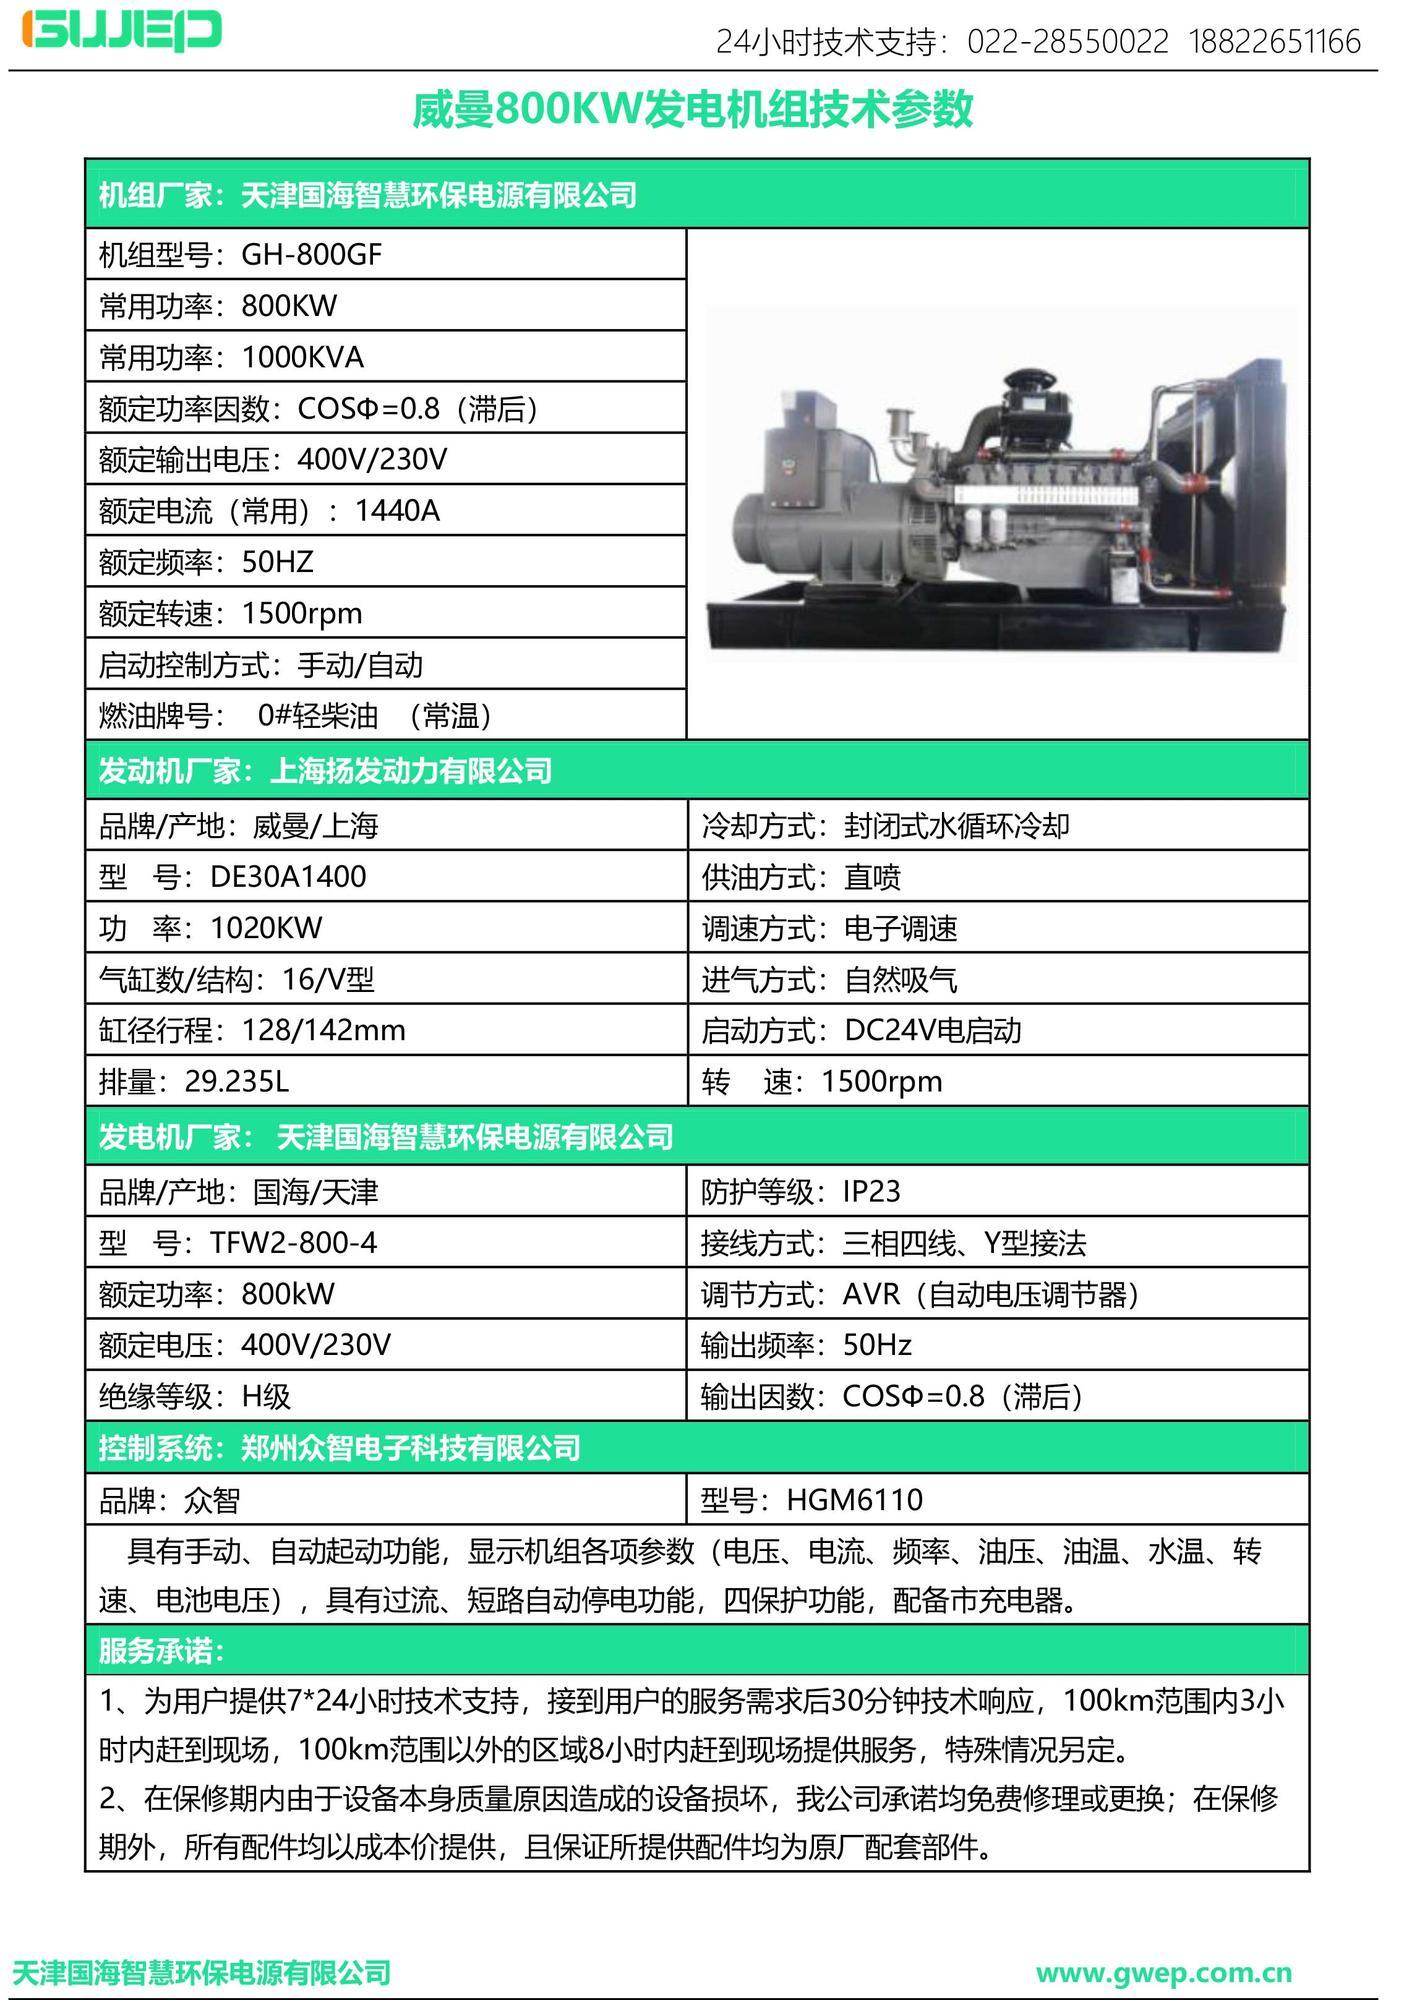 威曼800KW发电机组技术资料-2.jpg